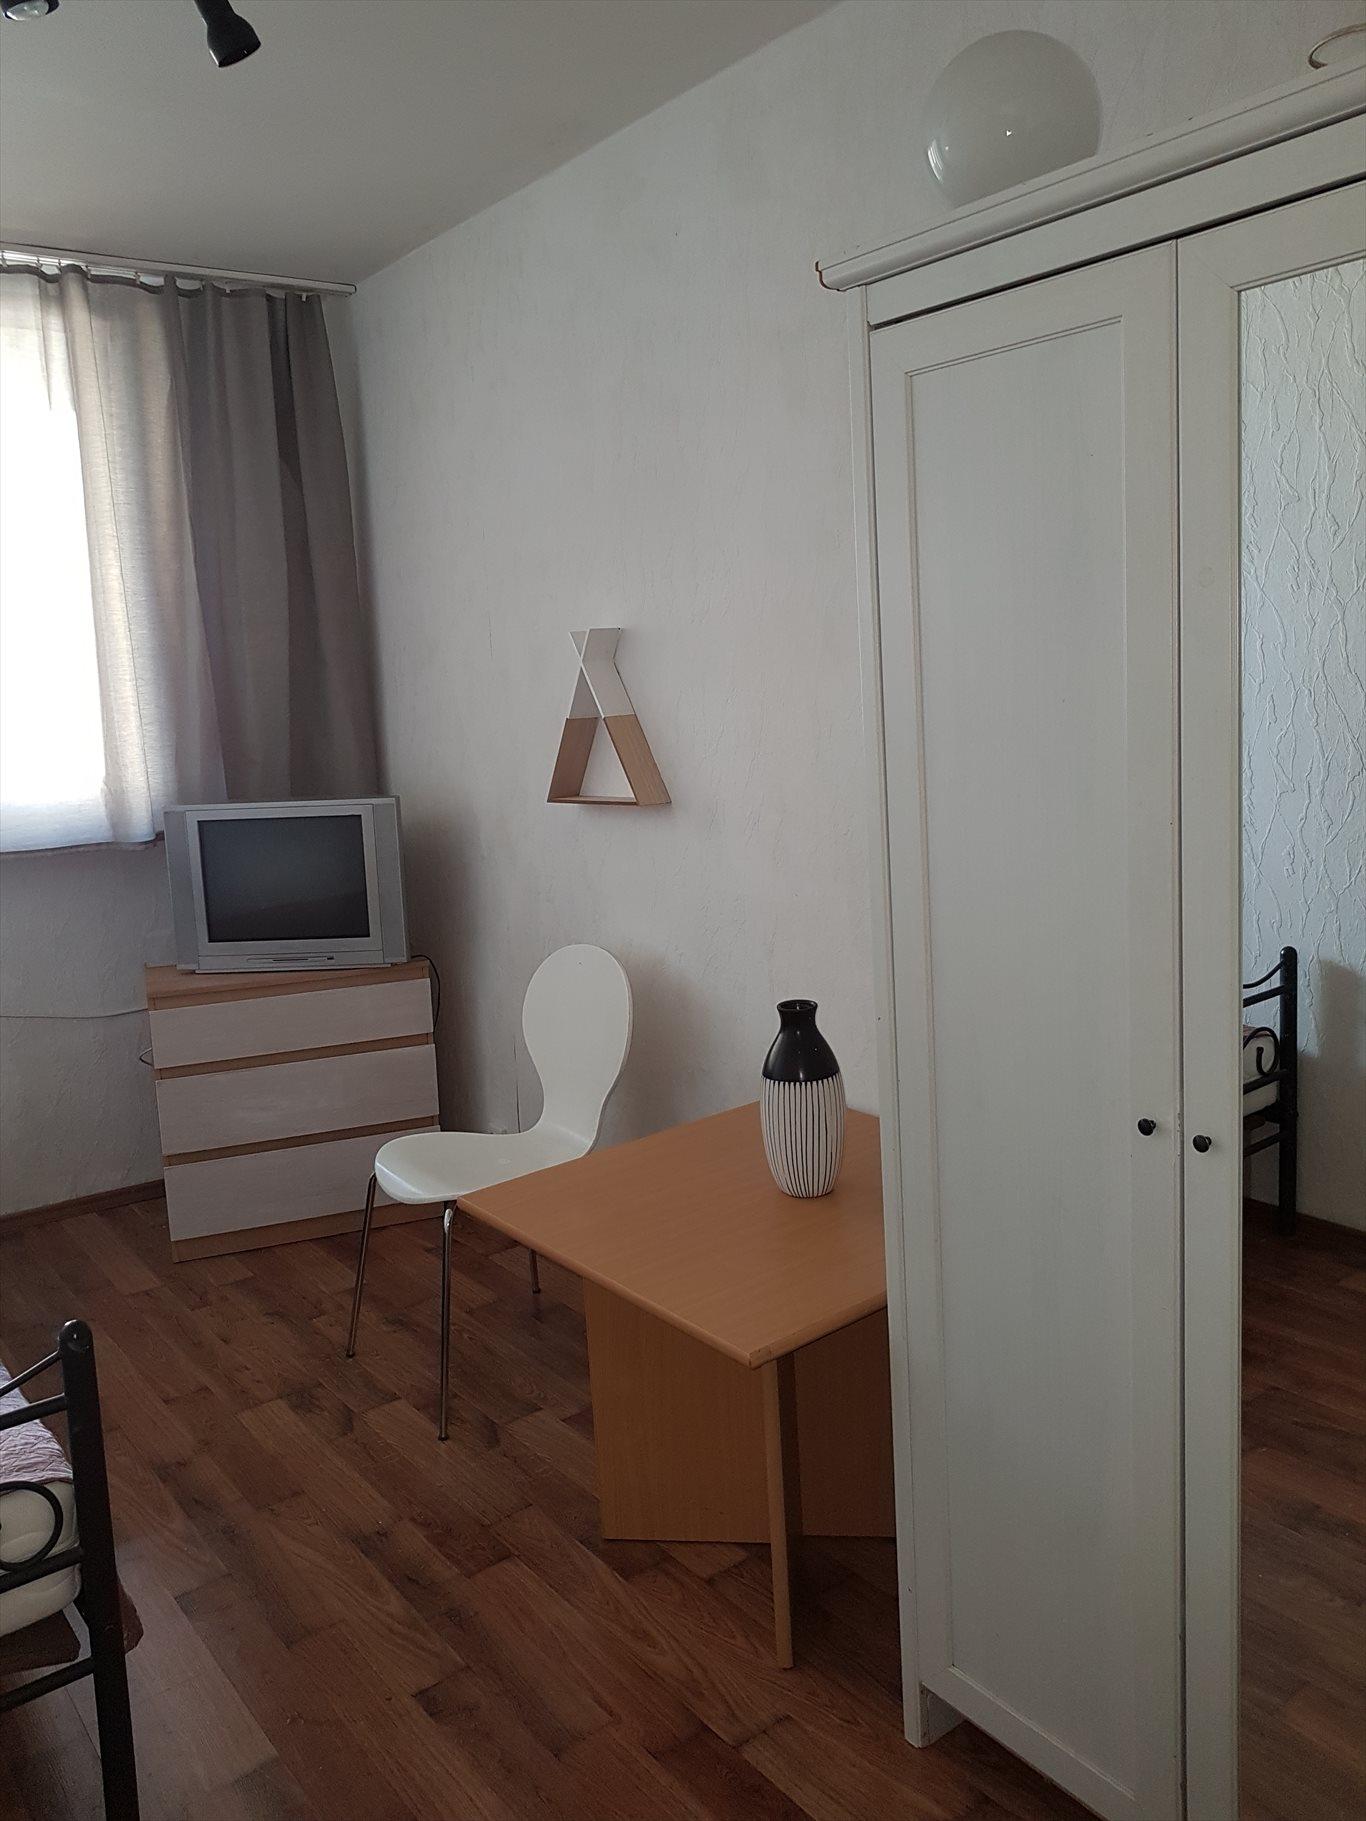 Pokój na wynajem Warszawa, Targówek, Junkiewicz  9m2 Foto 3